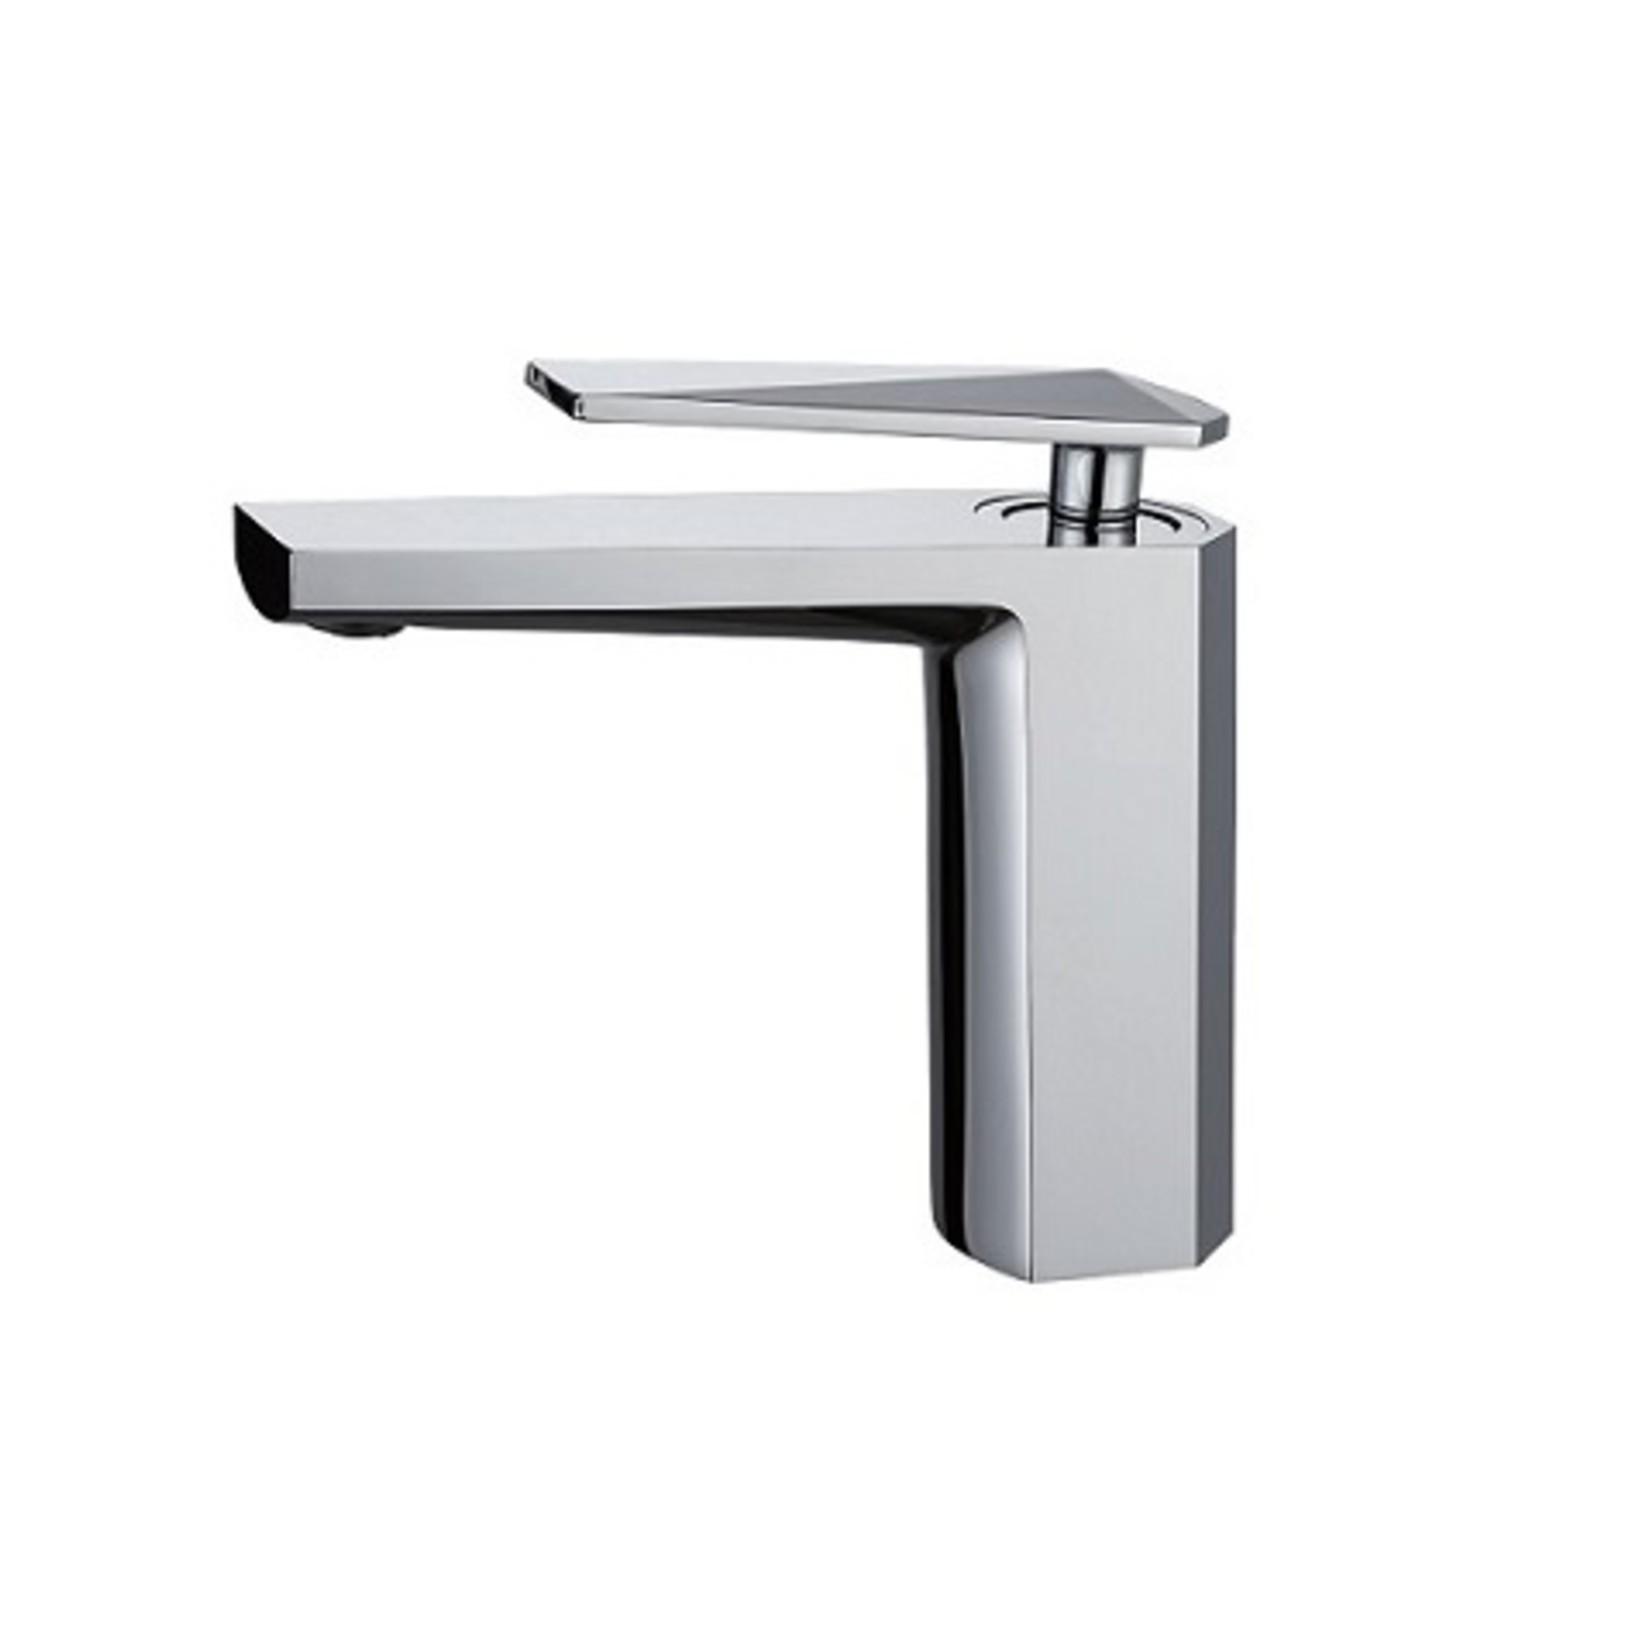 Robinet de lavabo Chrome 6808